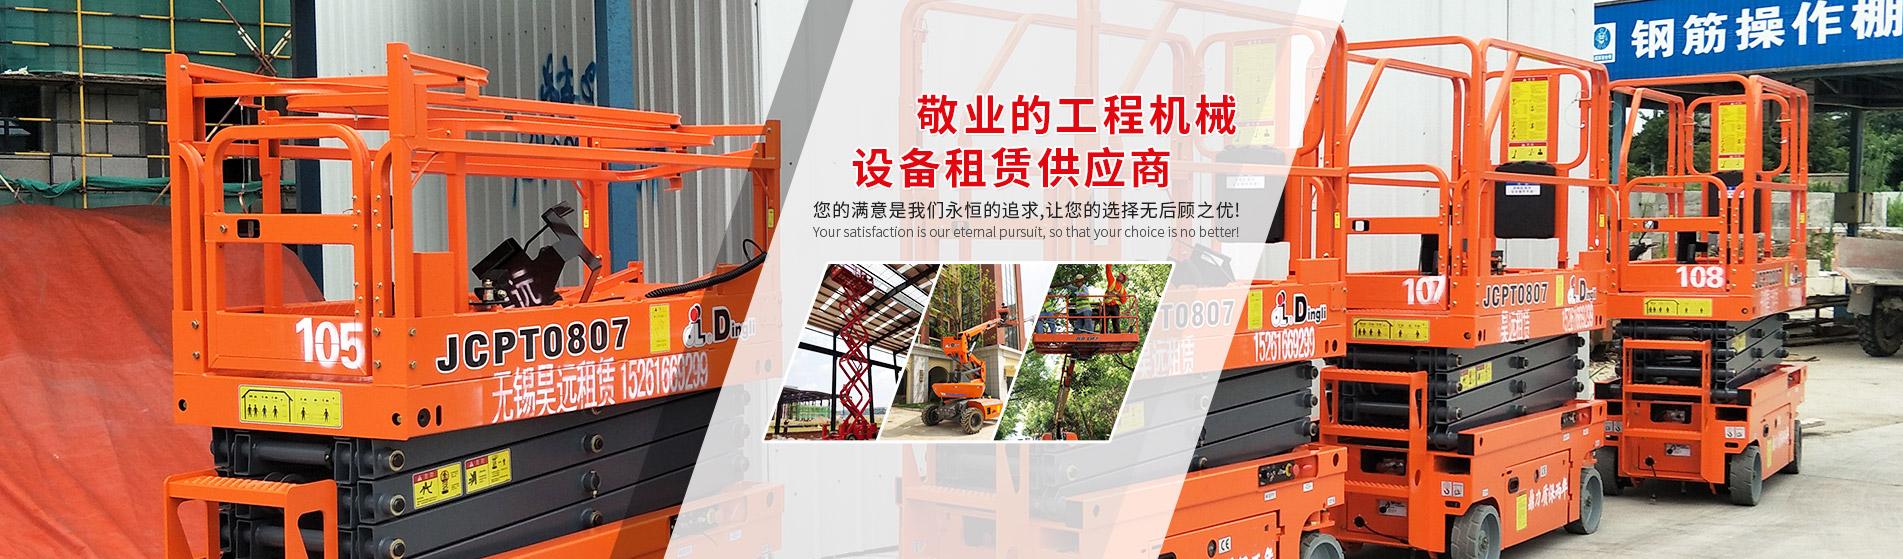 无锡昊远工程机械租赁有限公司